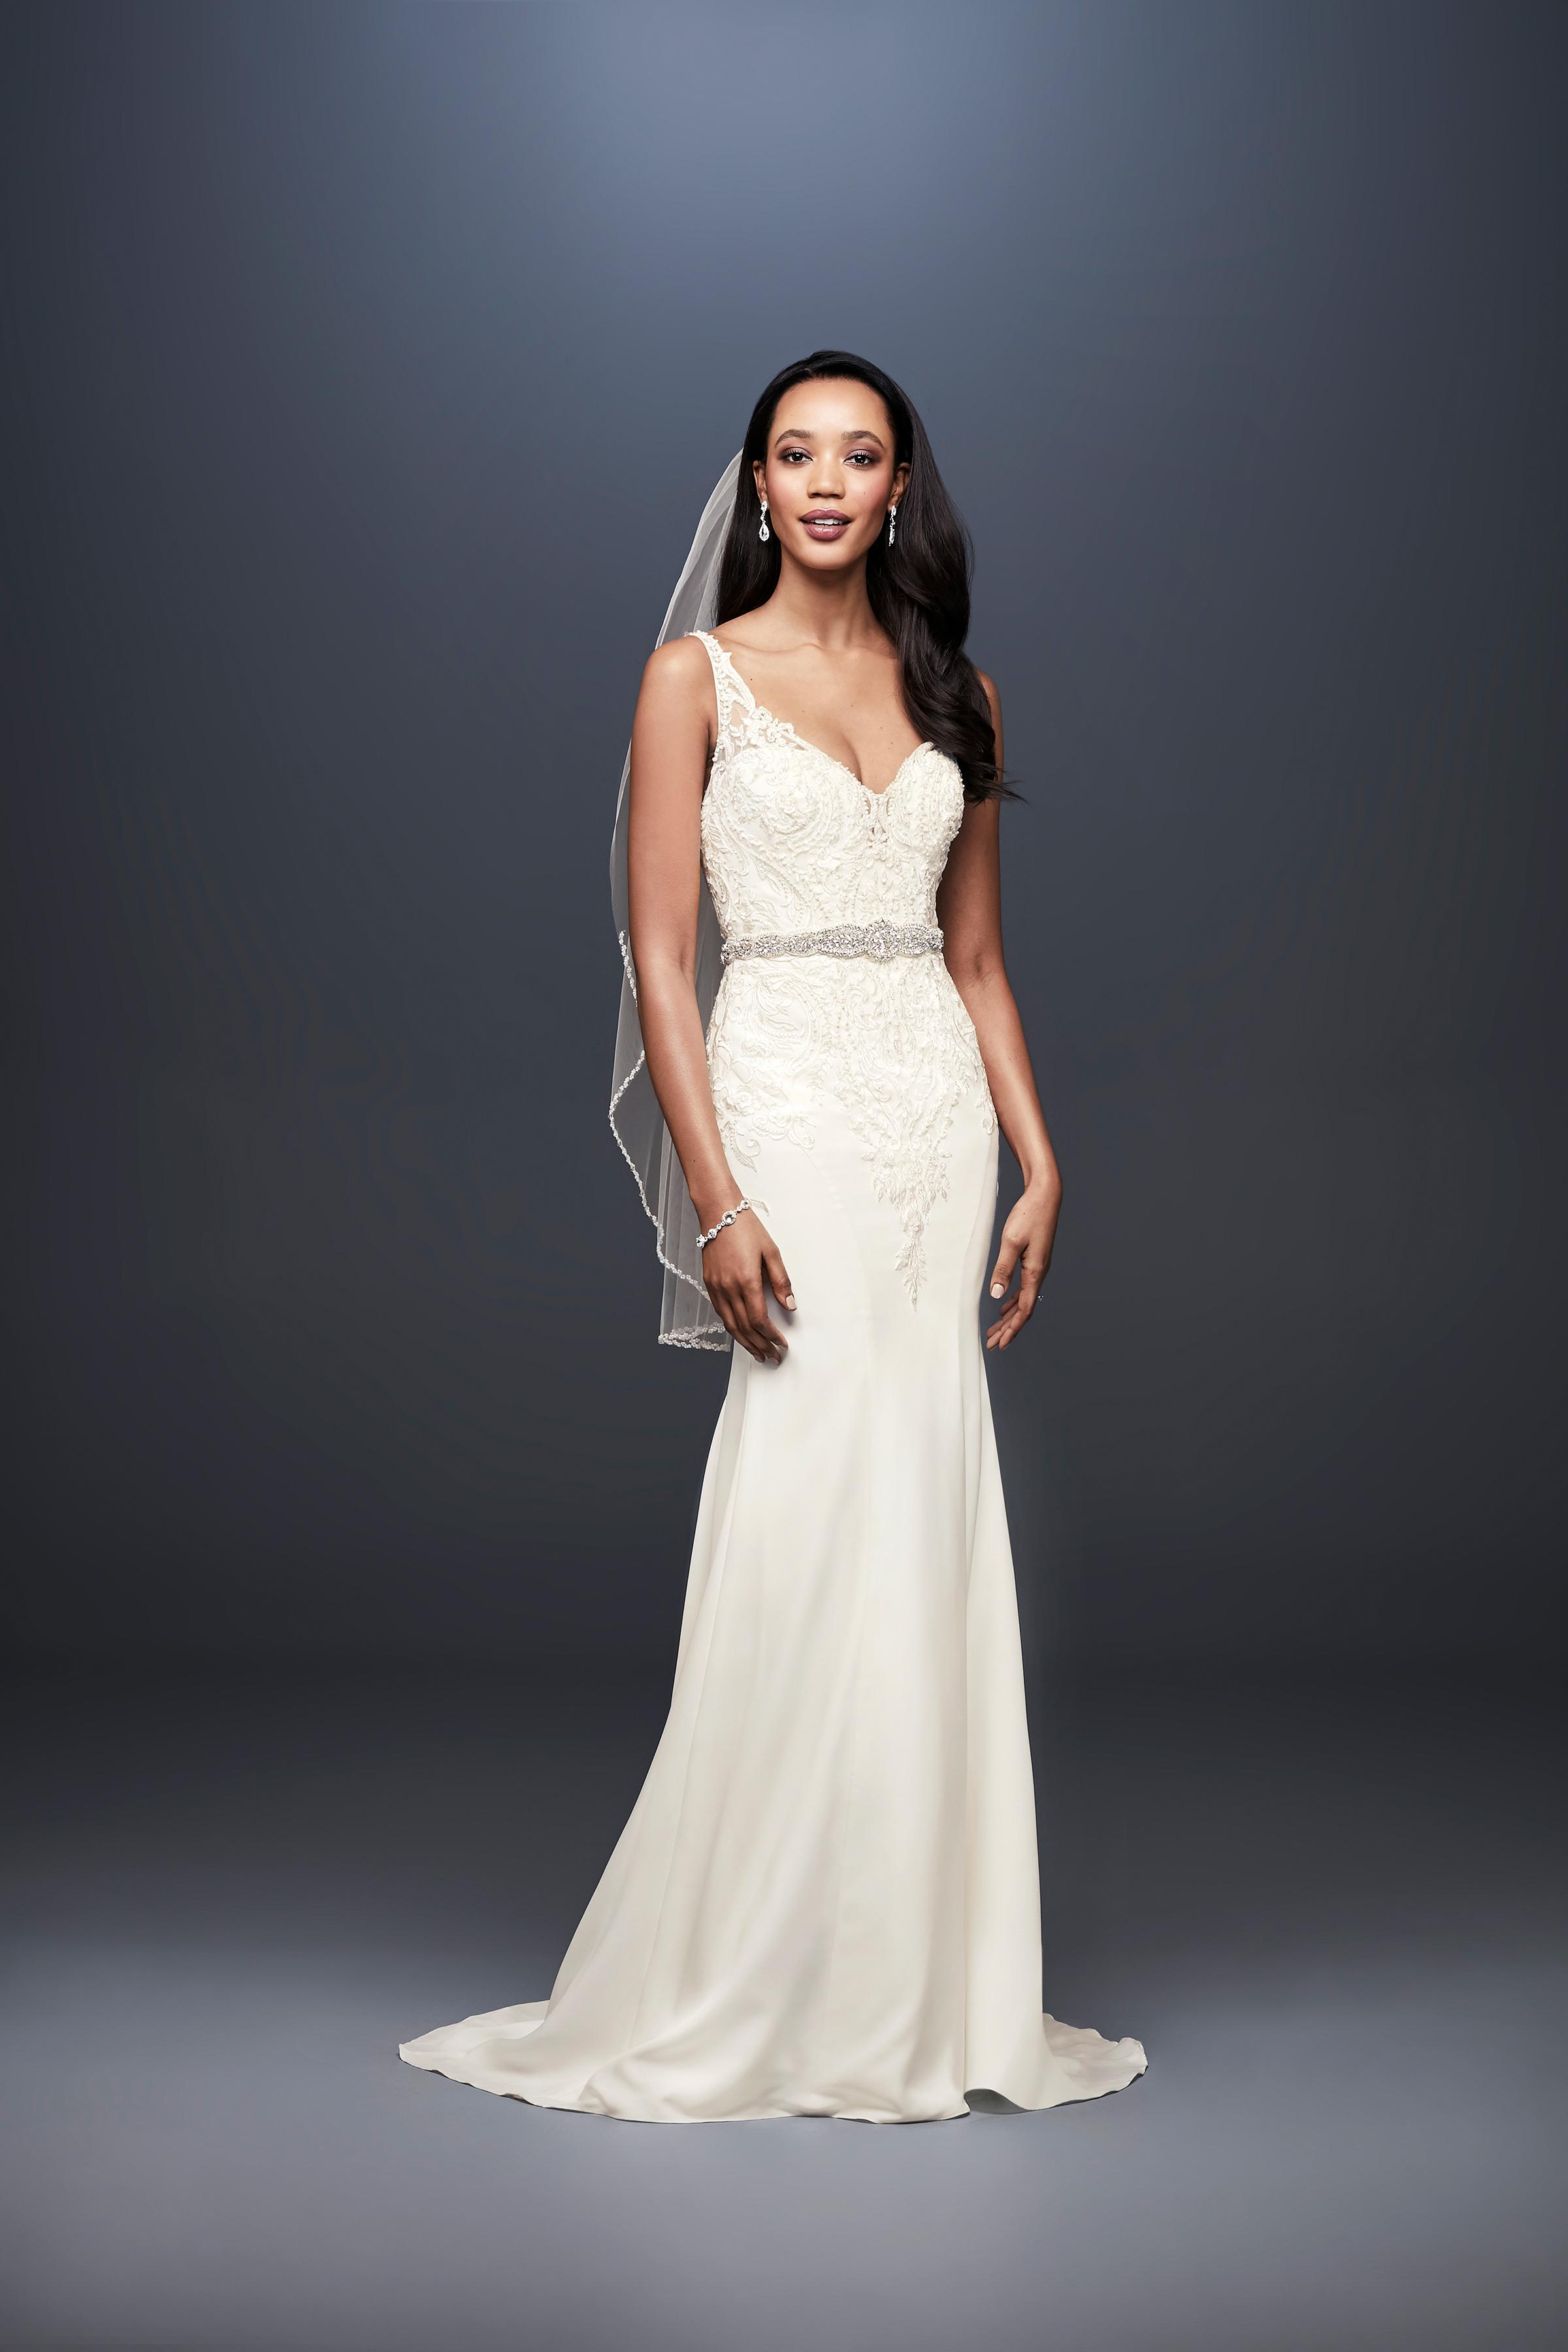 david bridal wedding dress spring 2019 v-neck lace beaded belt trumpet